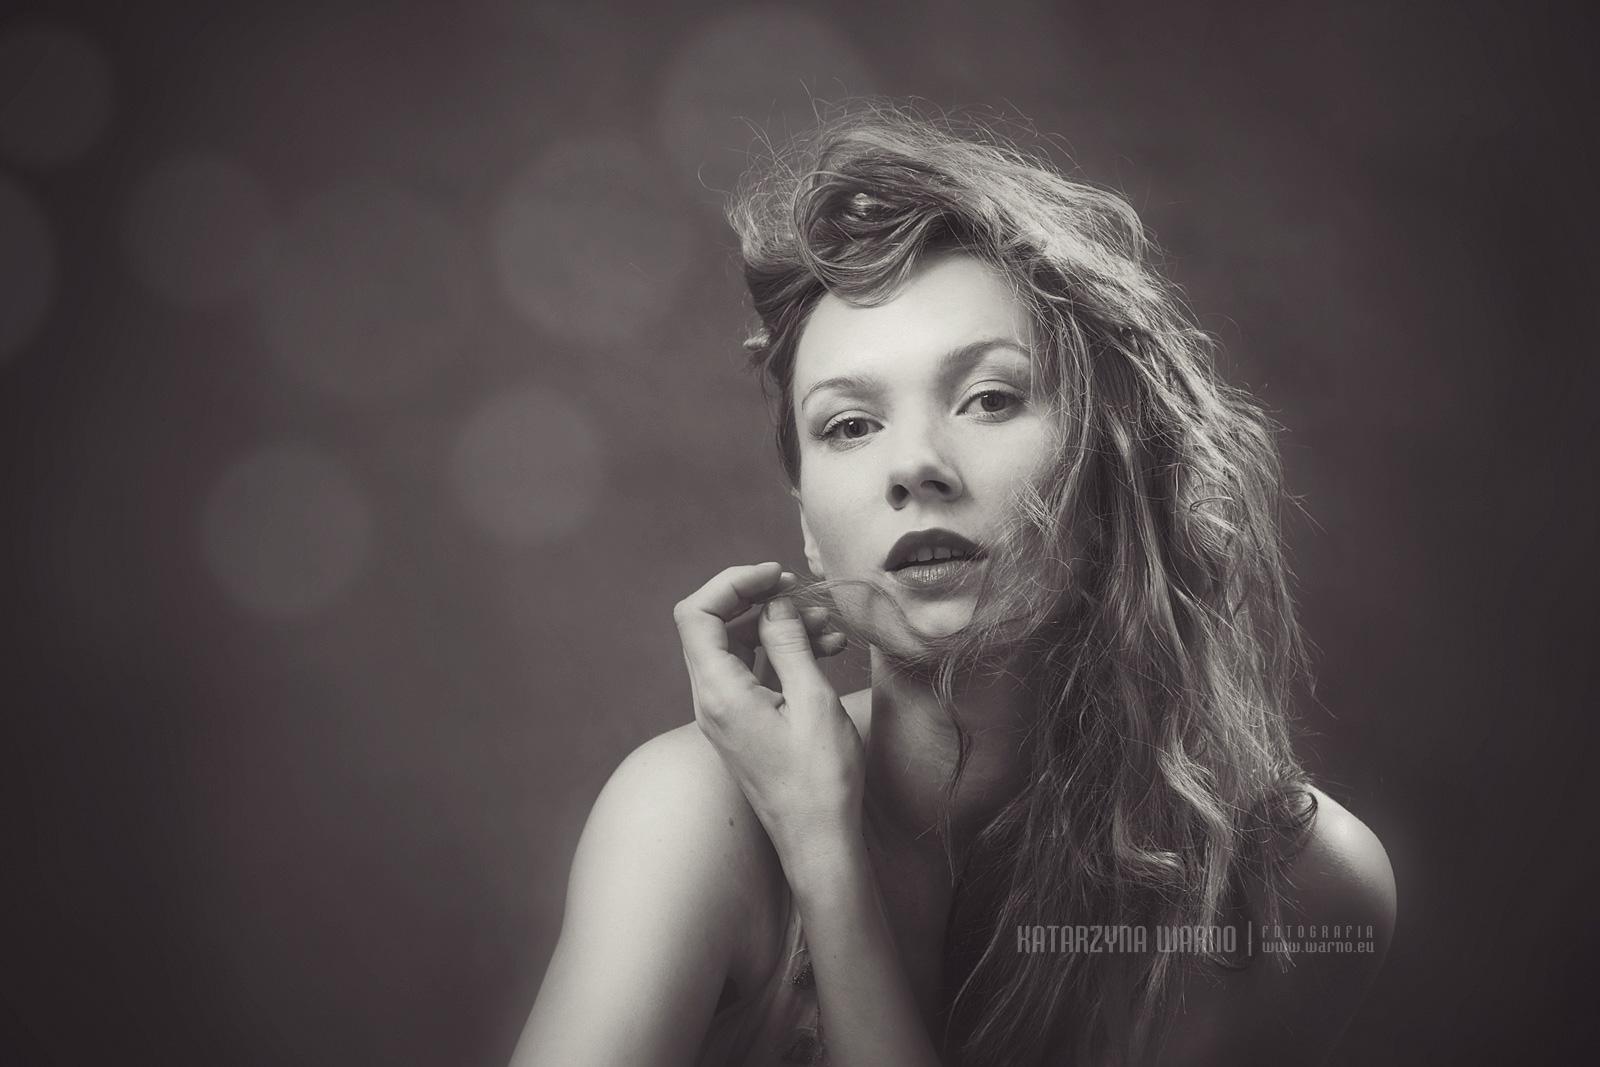 Katarzyna Dąbrowska | fot. Katarzyna Warno